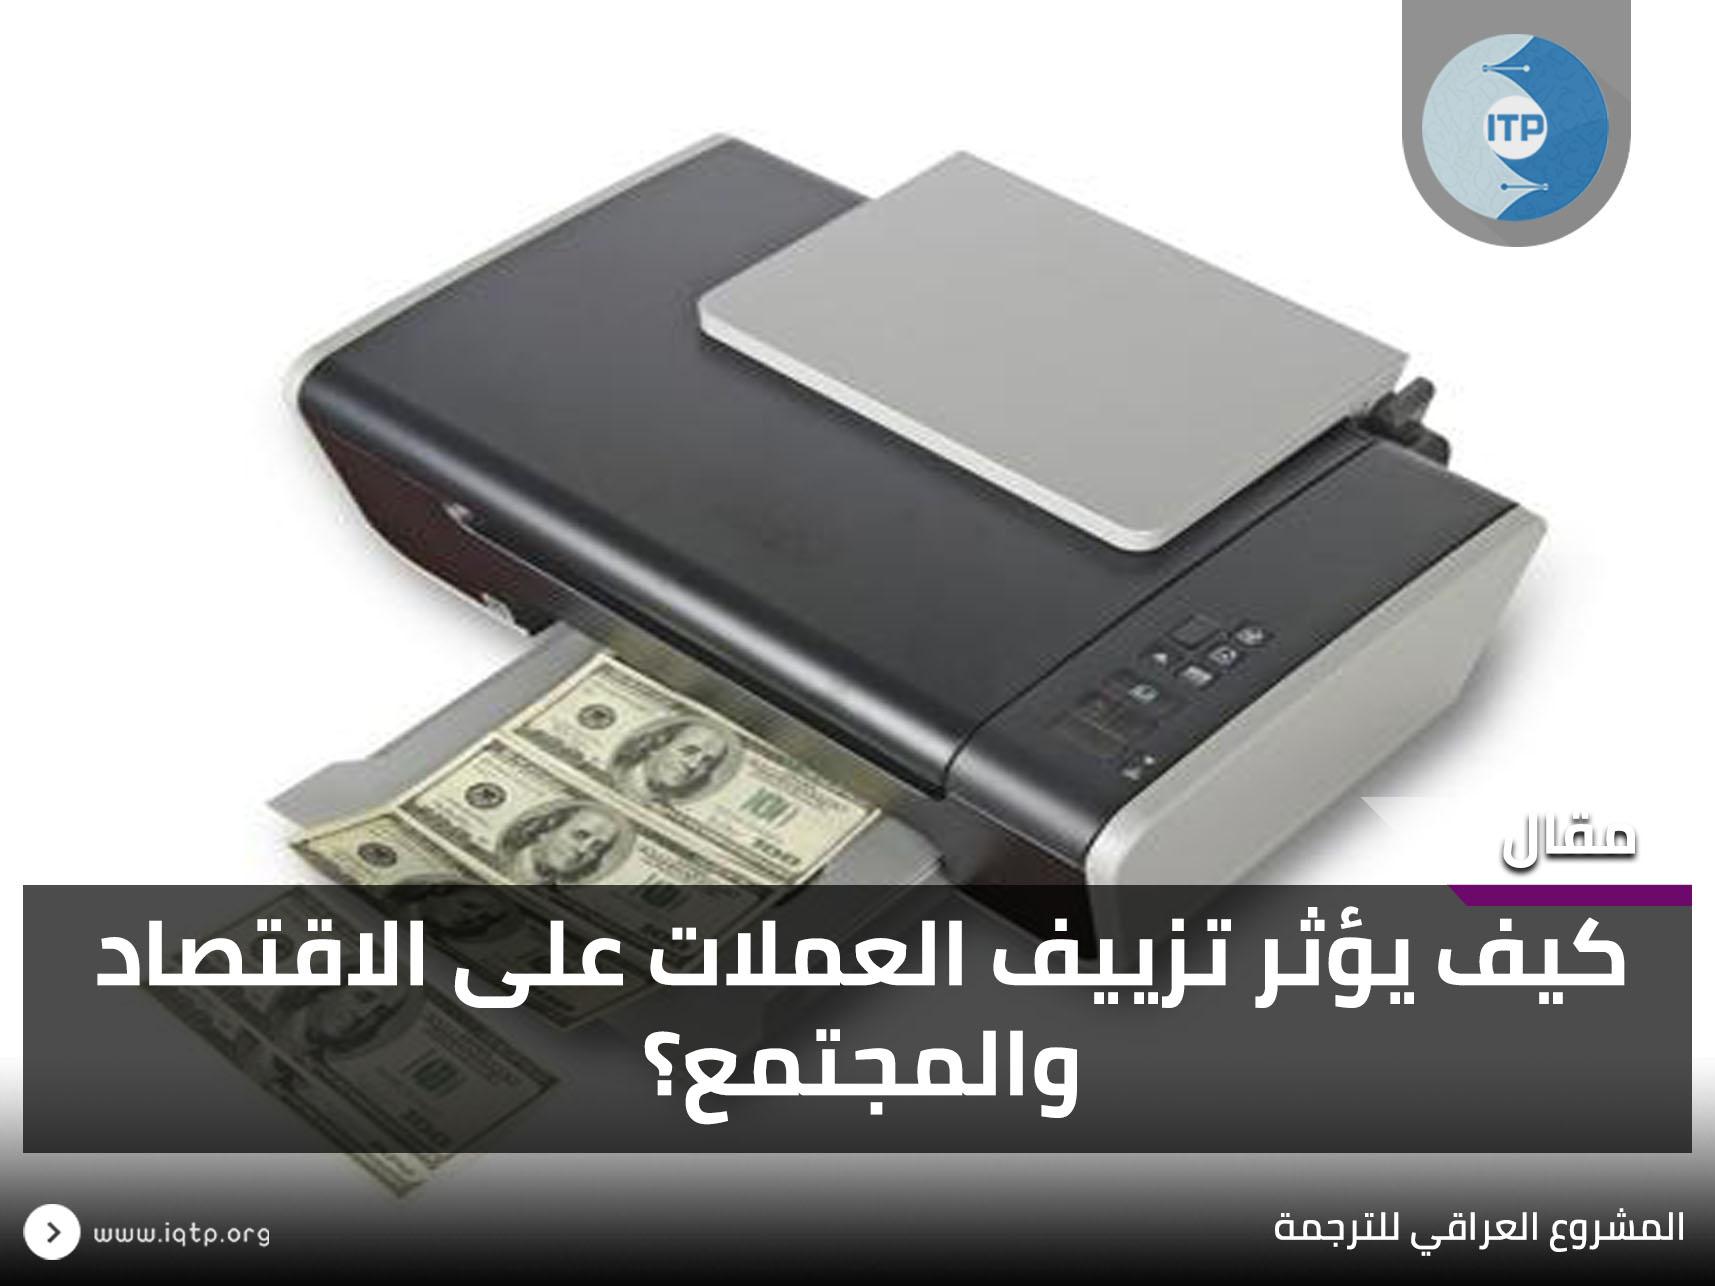 كيف يؤثر تزييف العملات على الاقتصاد والمجتمع؟